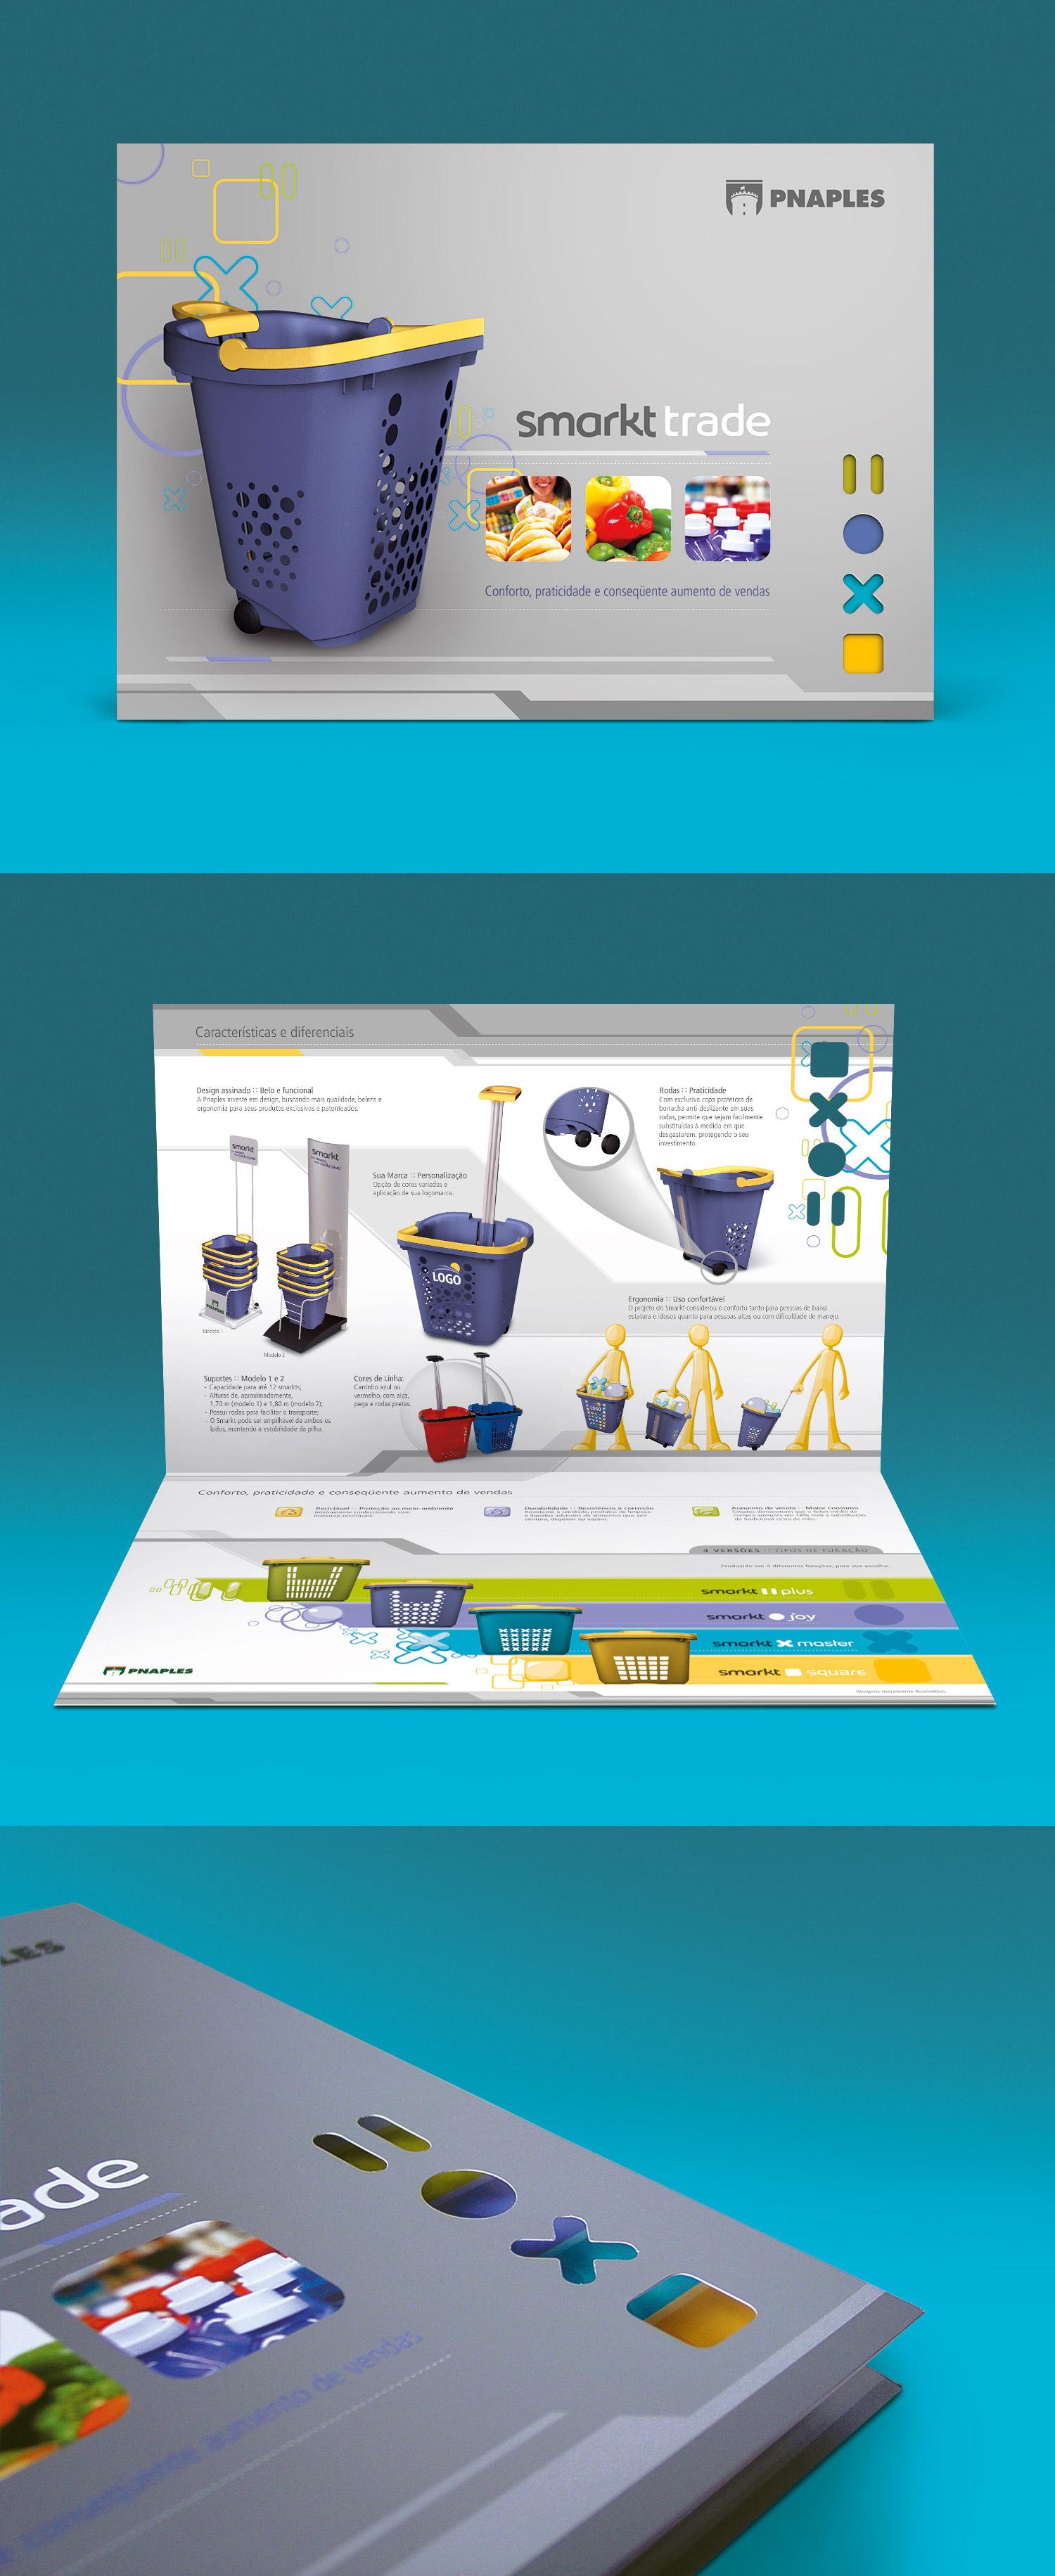 chelles-e-hayashi-design-portfolio-pnaples-smarkt-produto-linguagem-identidade-grafico-estrutural-catalogo